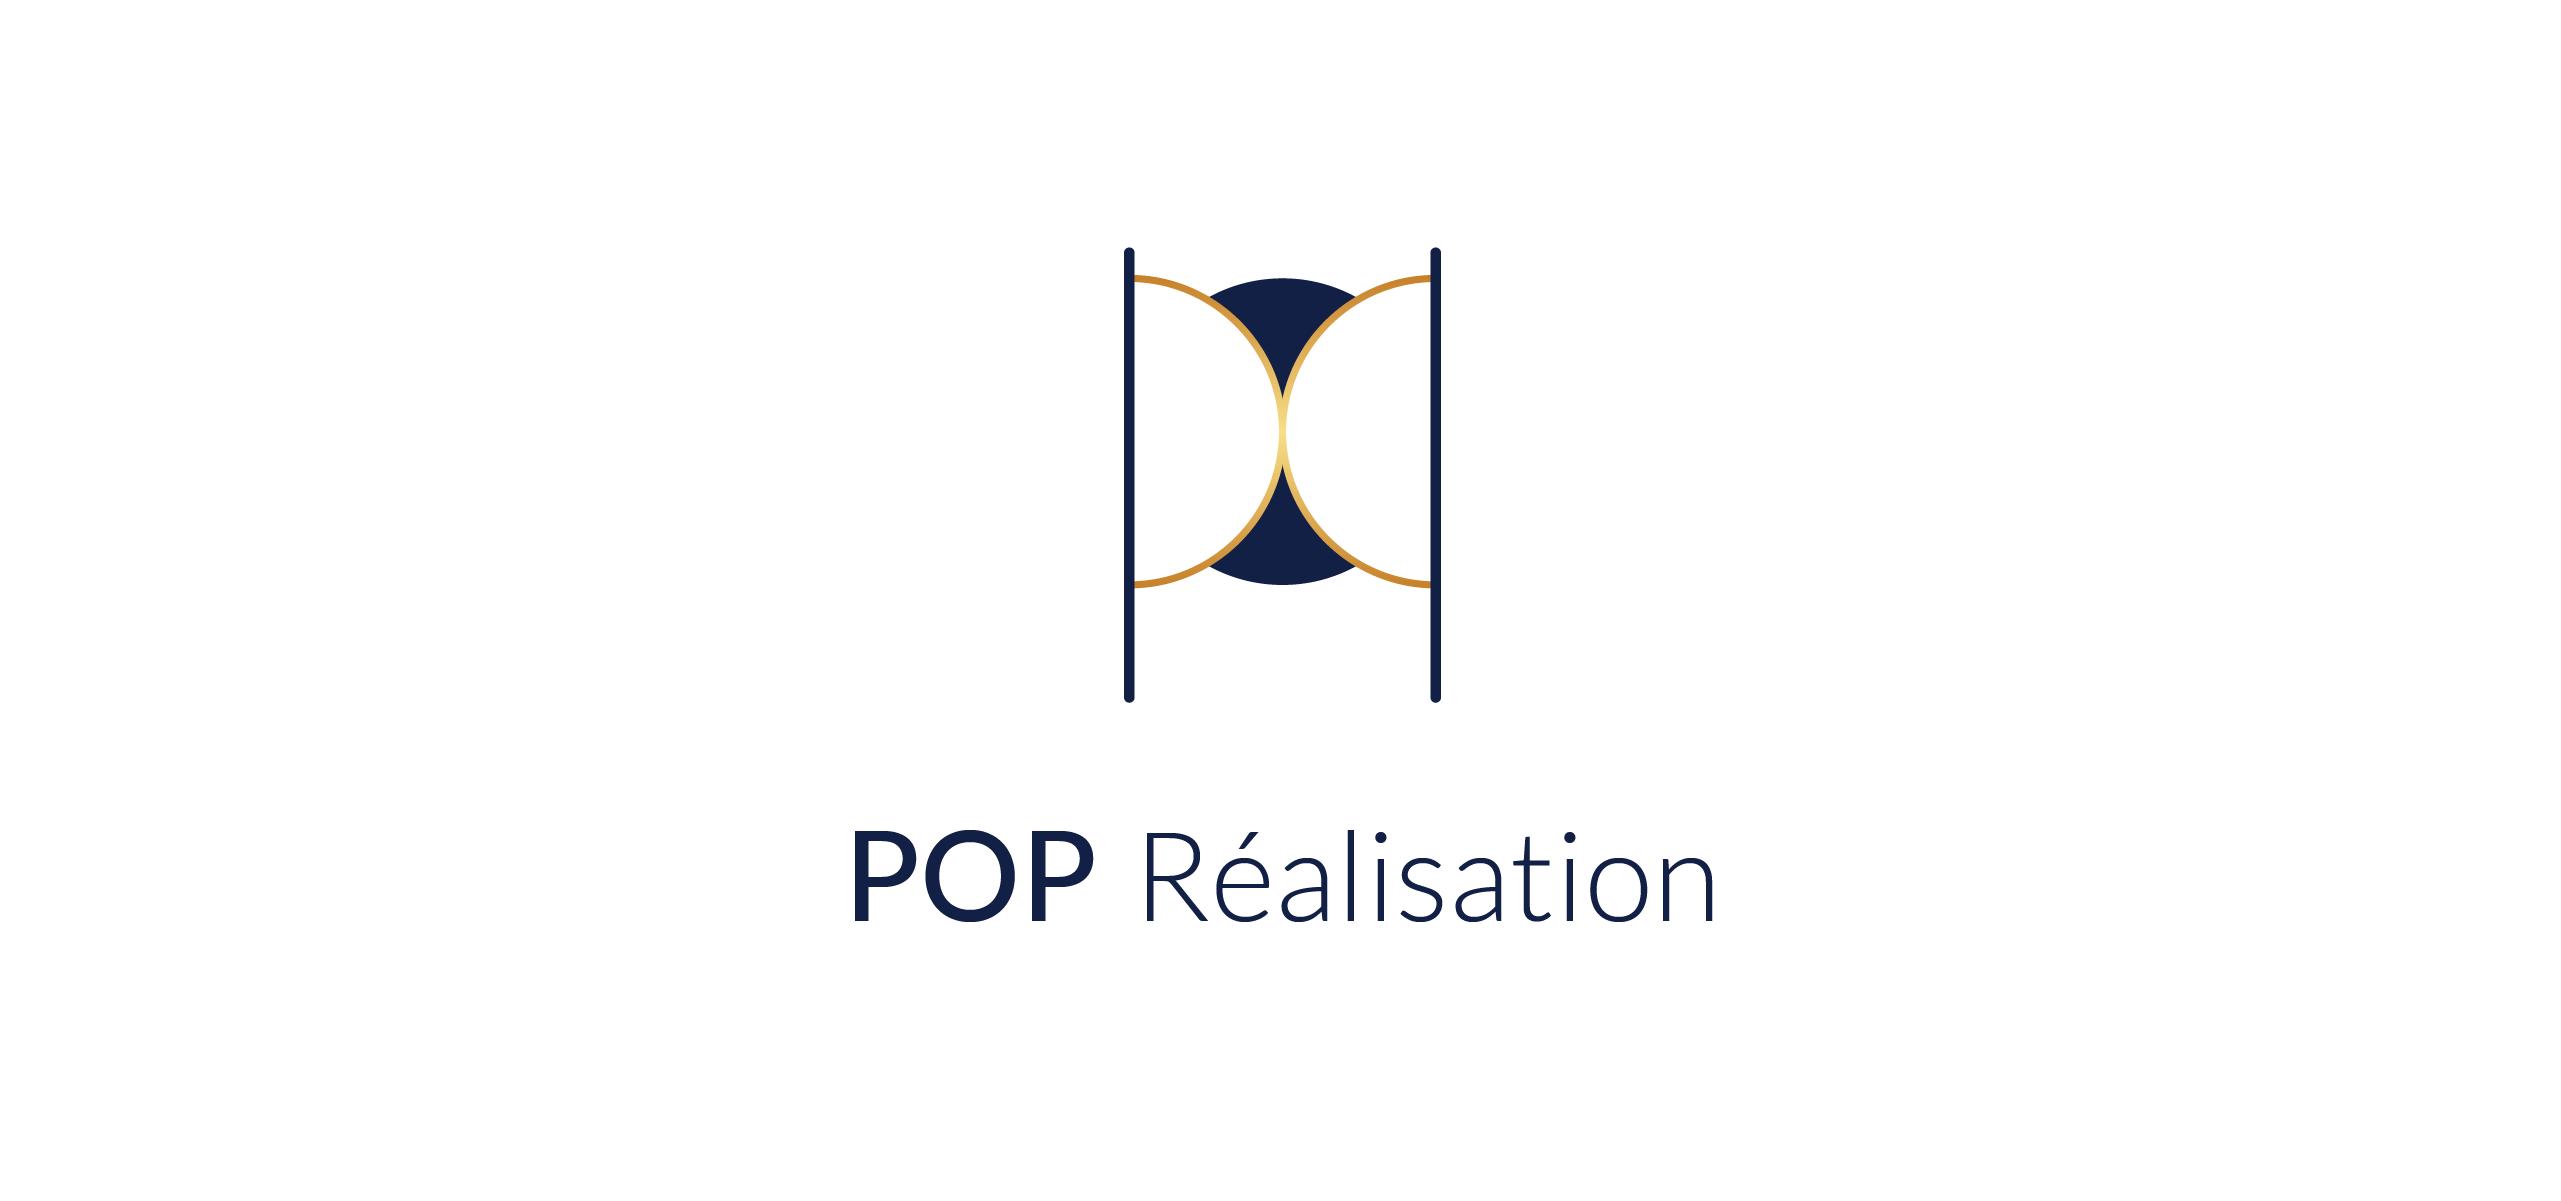 Création d'identité visuelle pour Pop Réalisation par l'agence Cassian